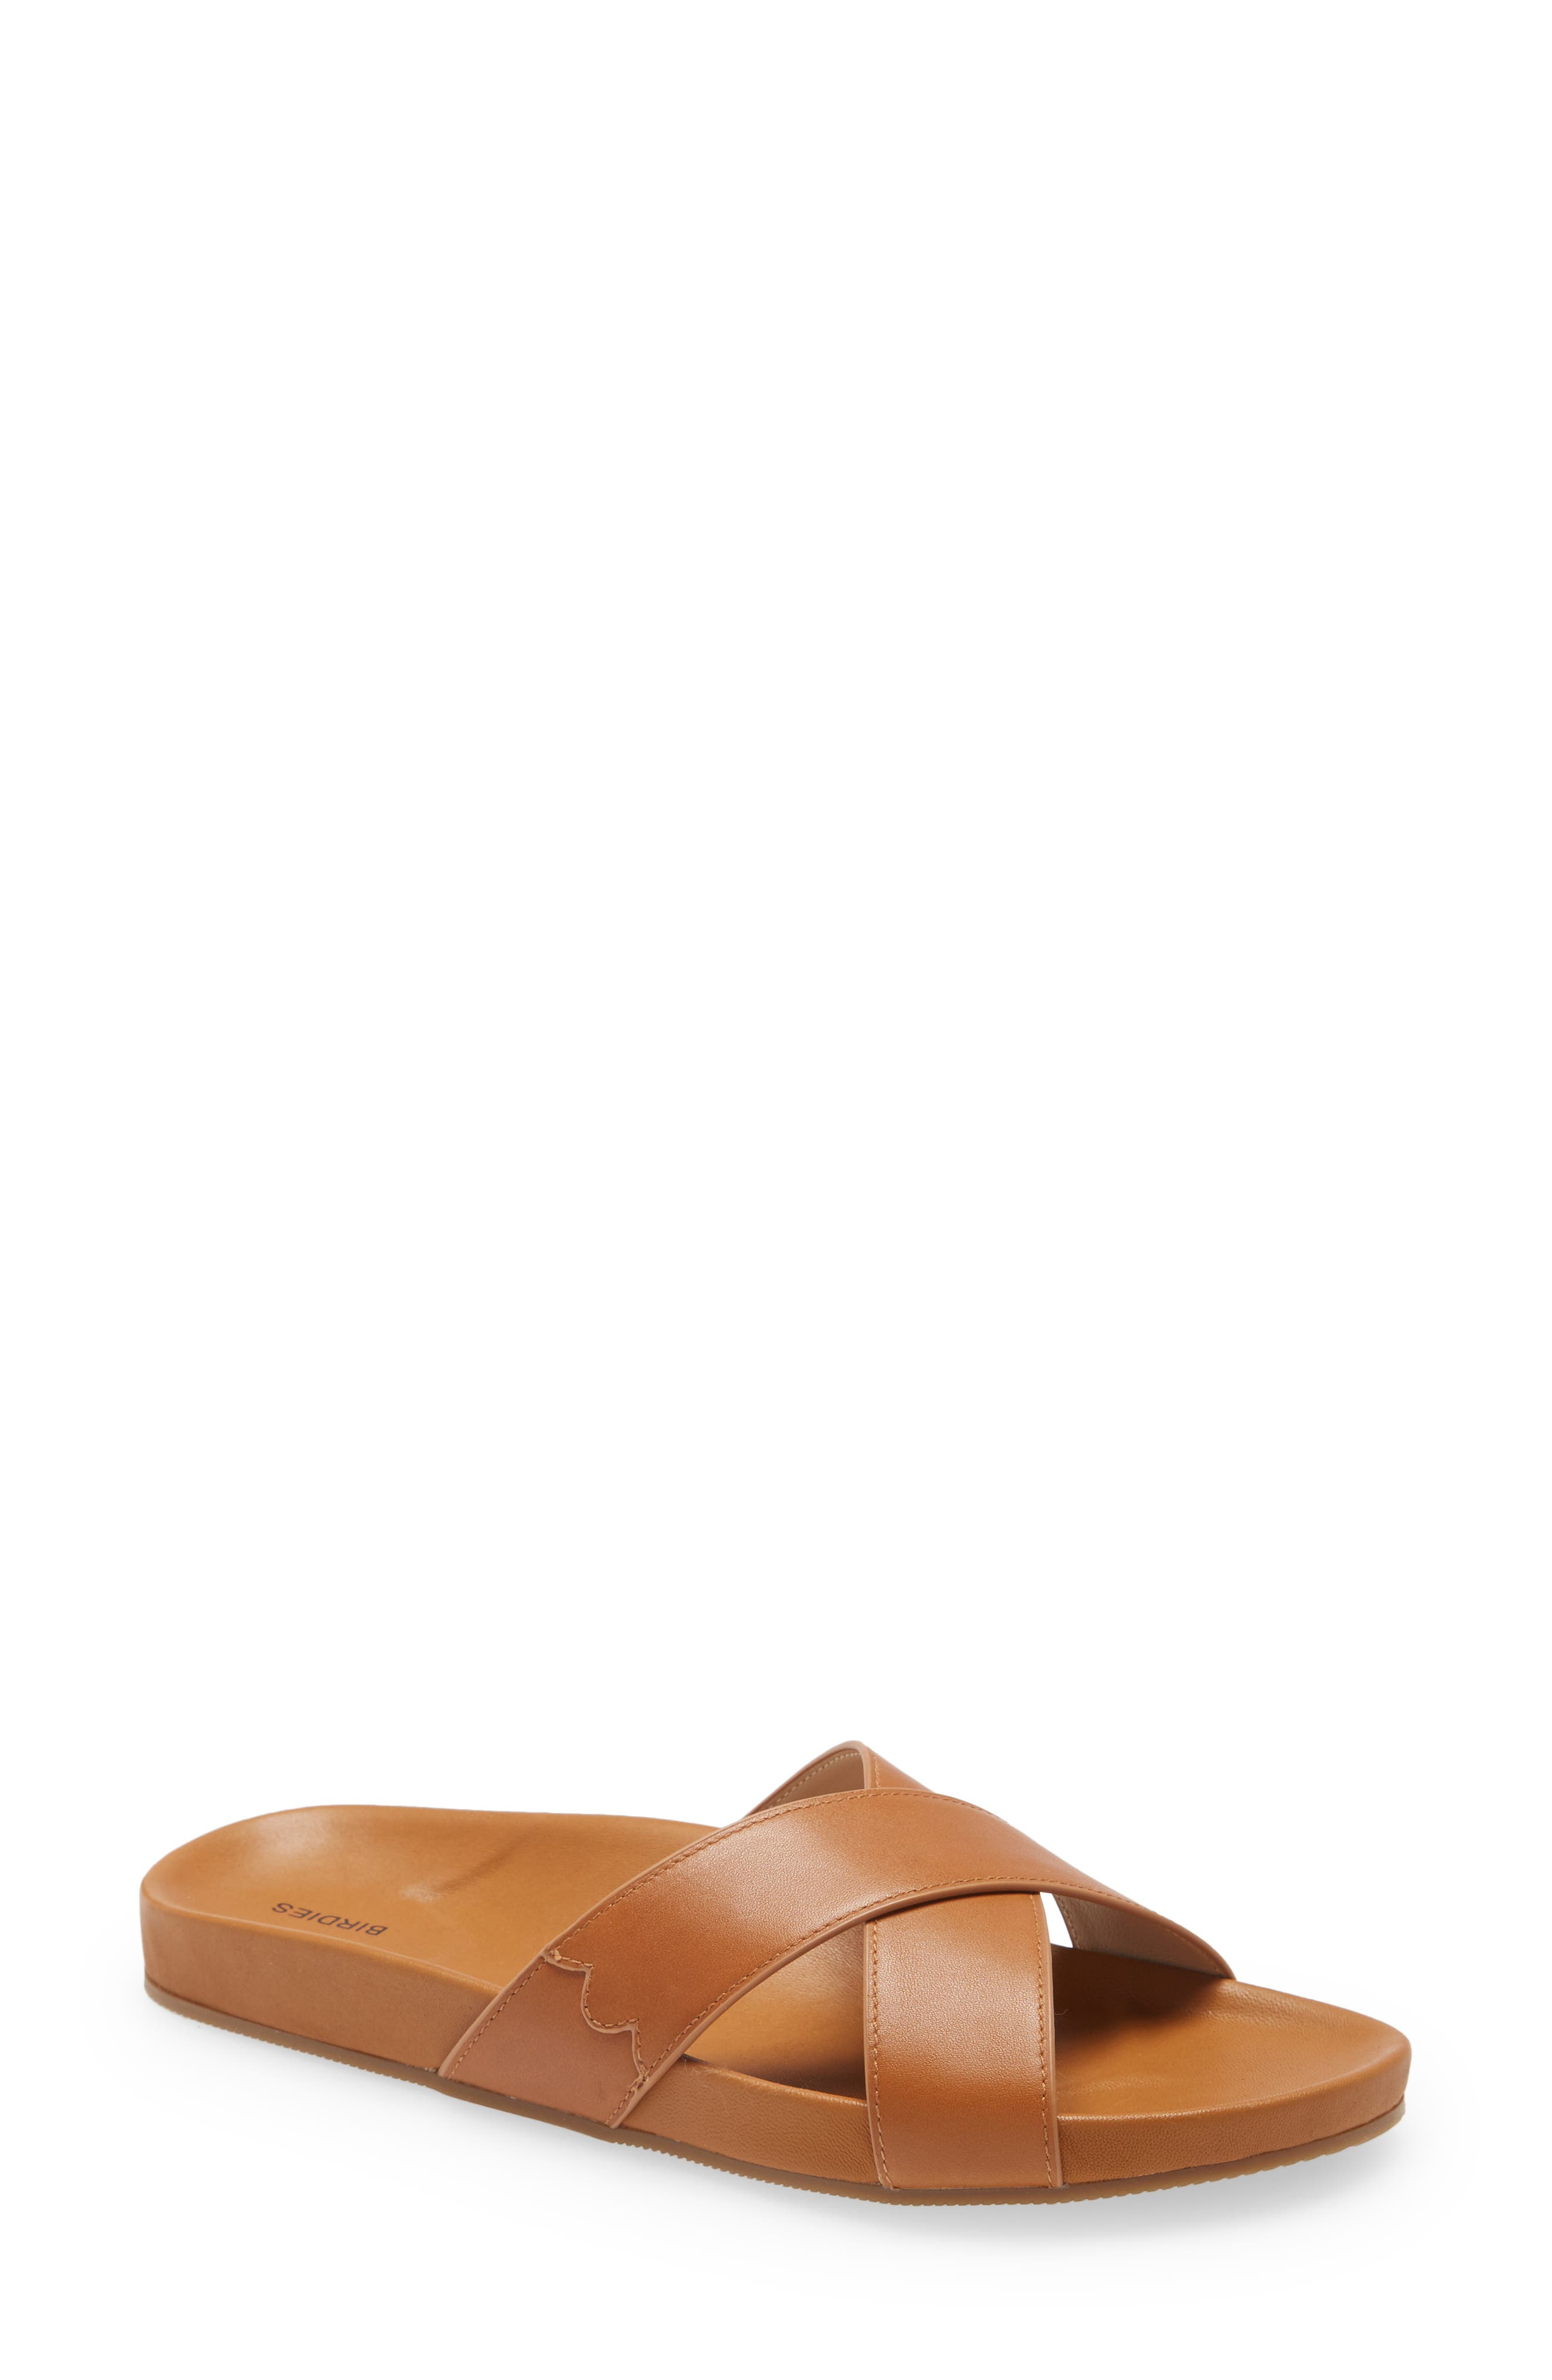 Robin Slide Sandal